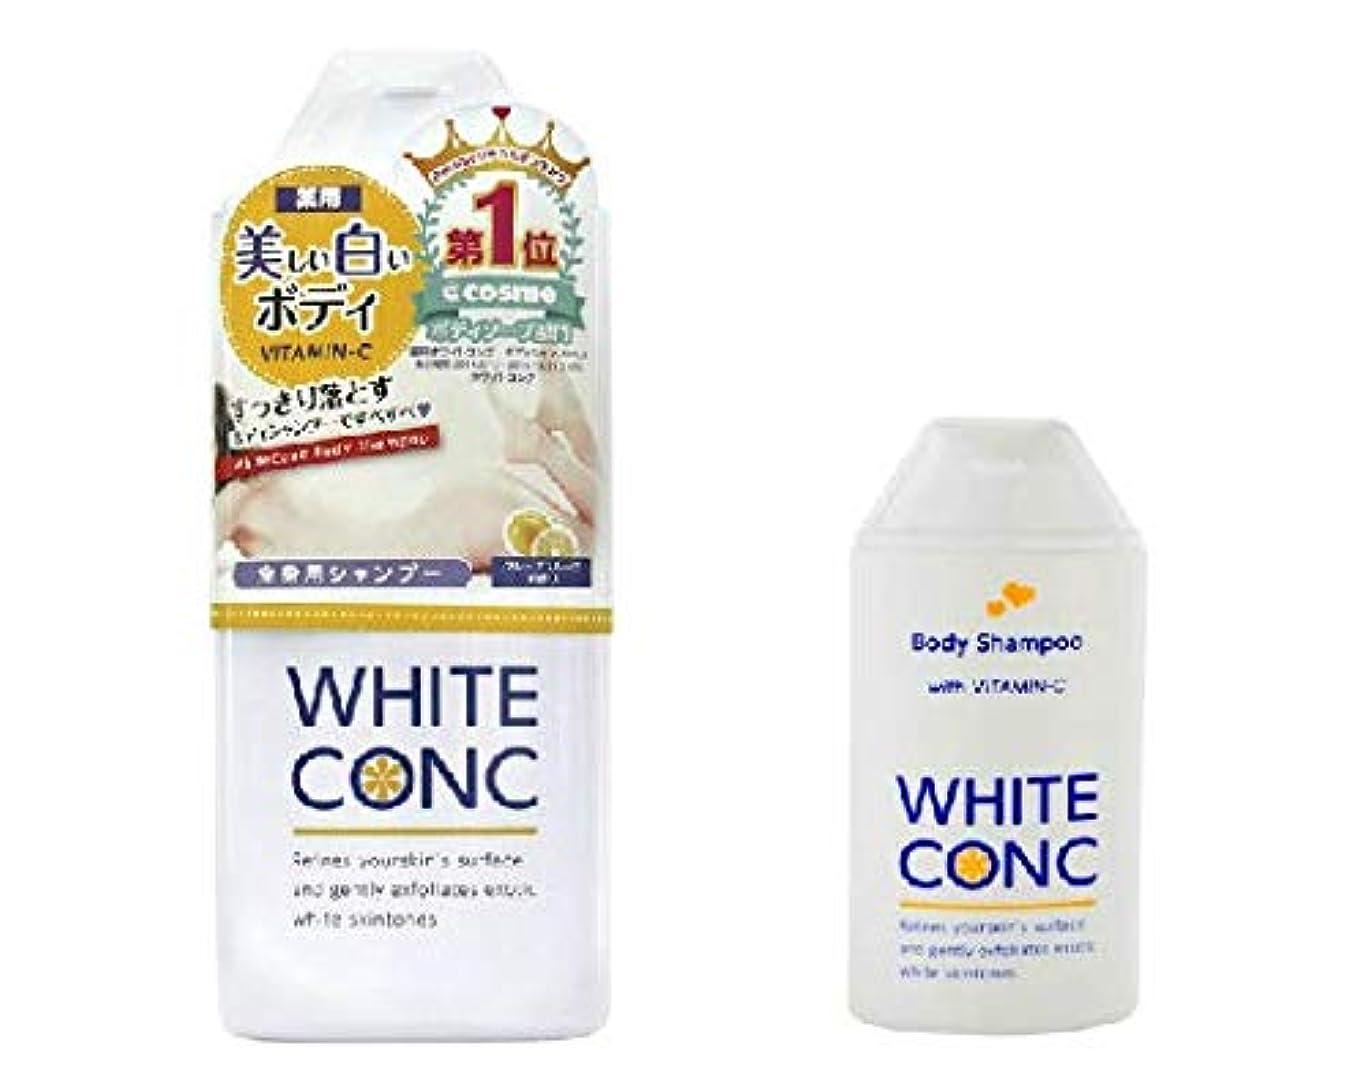 クローン反抗シリンダー【WHITE CONC(ホワイトコンク)】 ボディシャンプーC Ⅱ_360mL1本&150mL1本